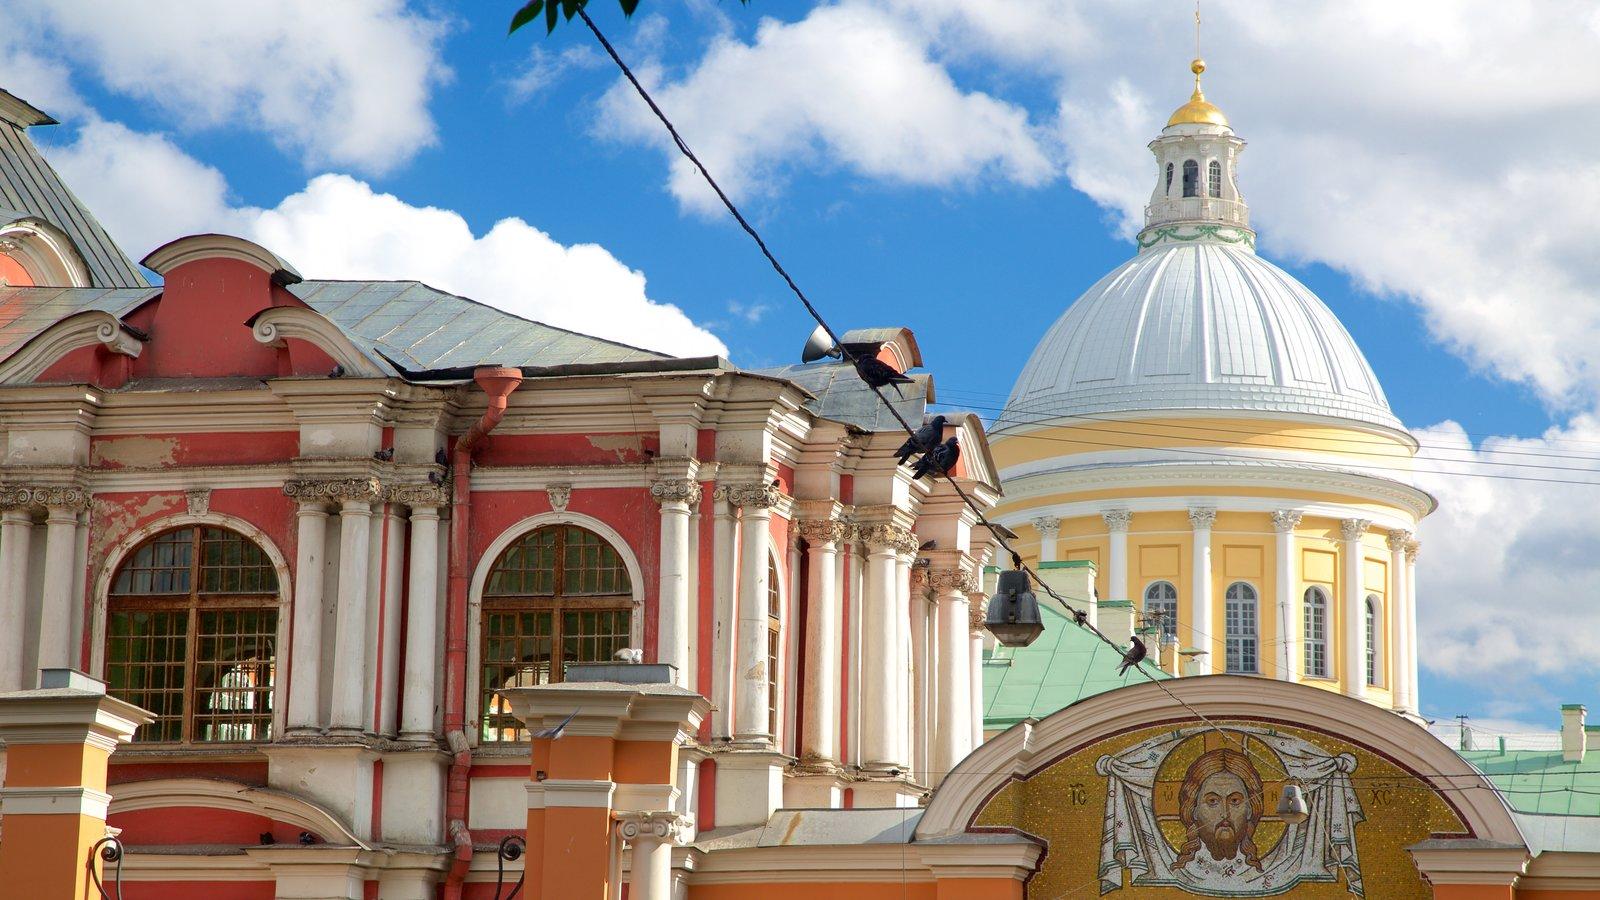 Alexander Nevsky Lavra mostrando arquitetura de patrimônio